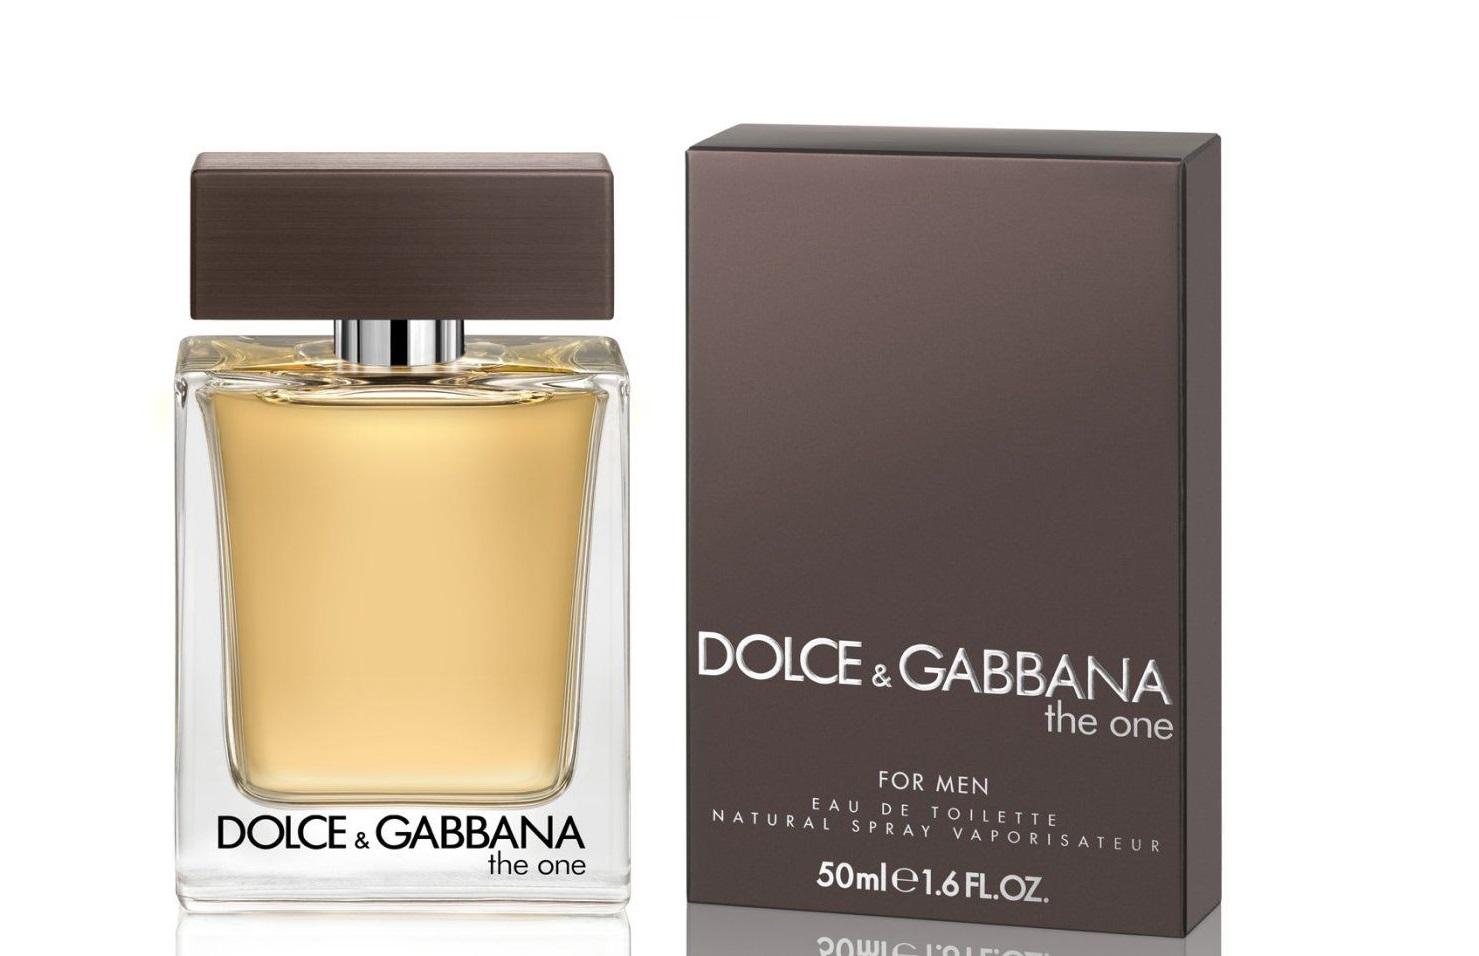 DOLCE&GABBANA Вода туалетная мужская Dolce&Gabbana The One For Men 50 мл